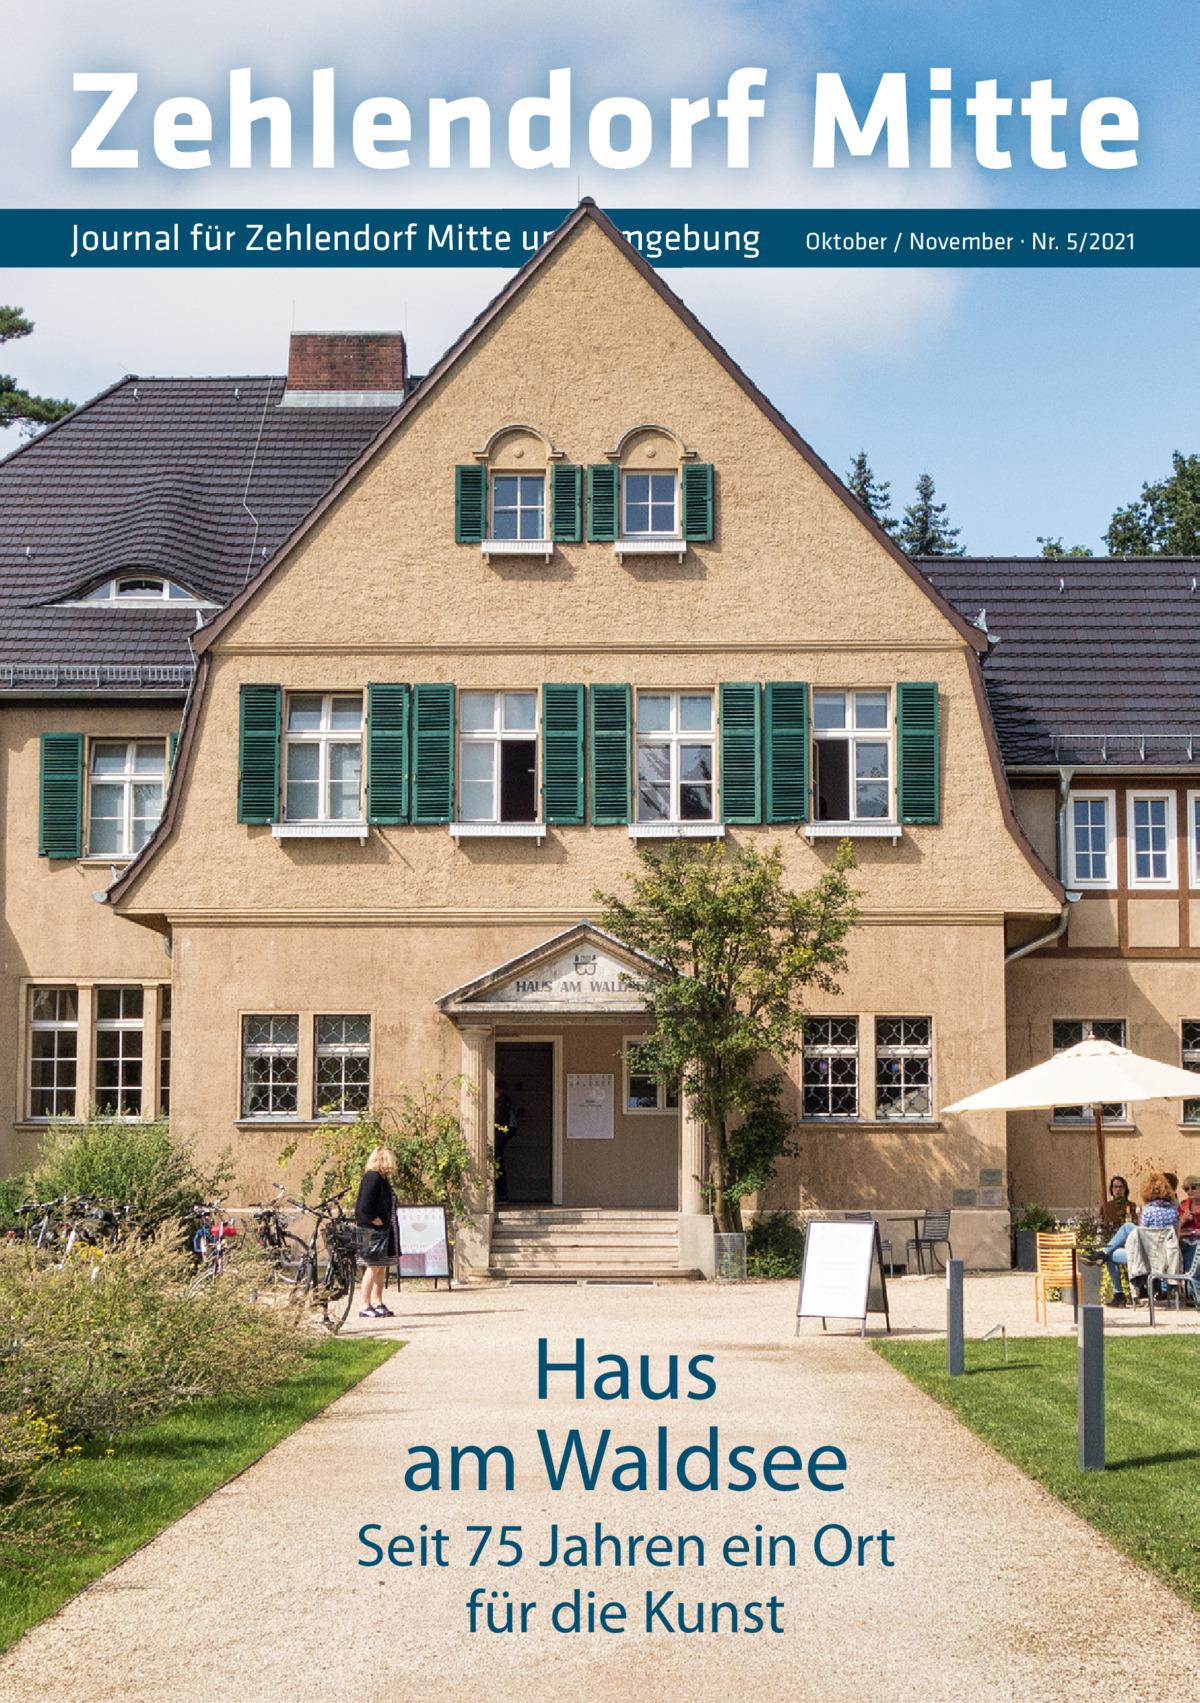 Zehlendorf Mitte Journal für Zehlendorf Mitte und Umgebung  Oktober / November · Nr. 5/2021  Haus am Waldsee  Seit 75Jahren ein Ort für die Kunst